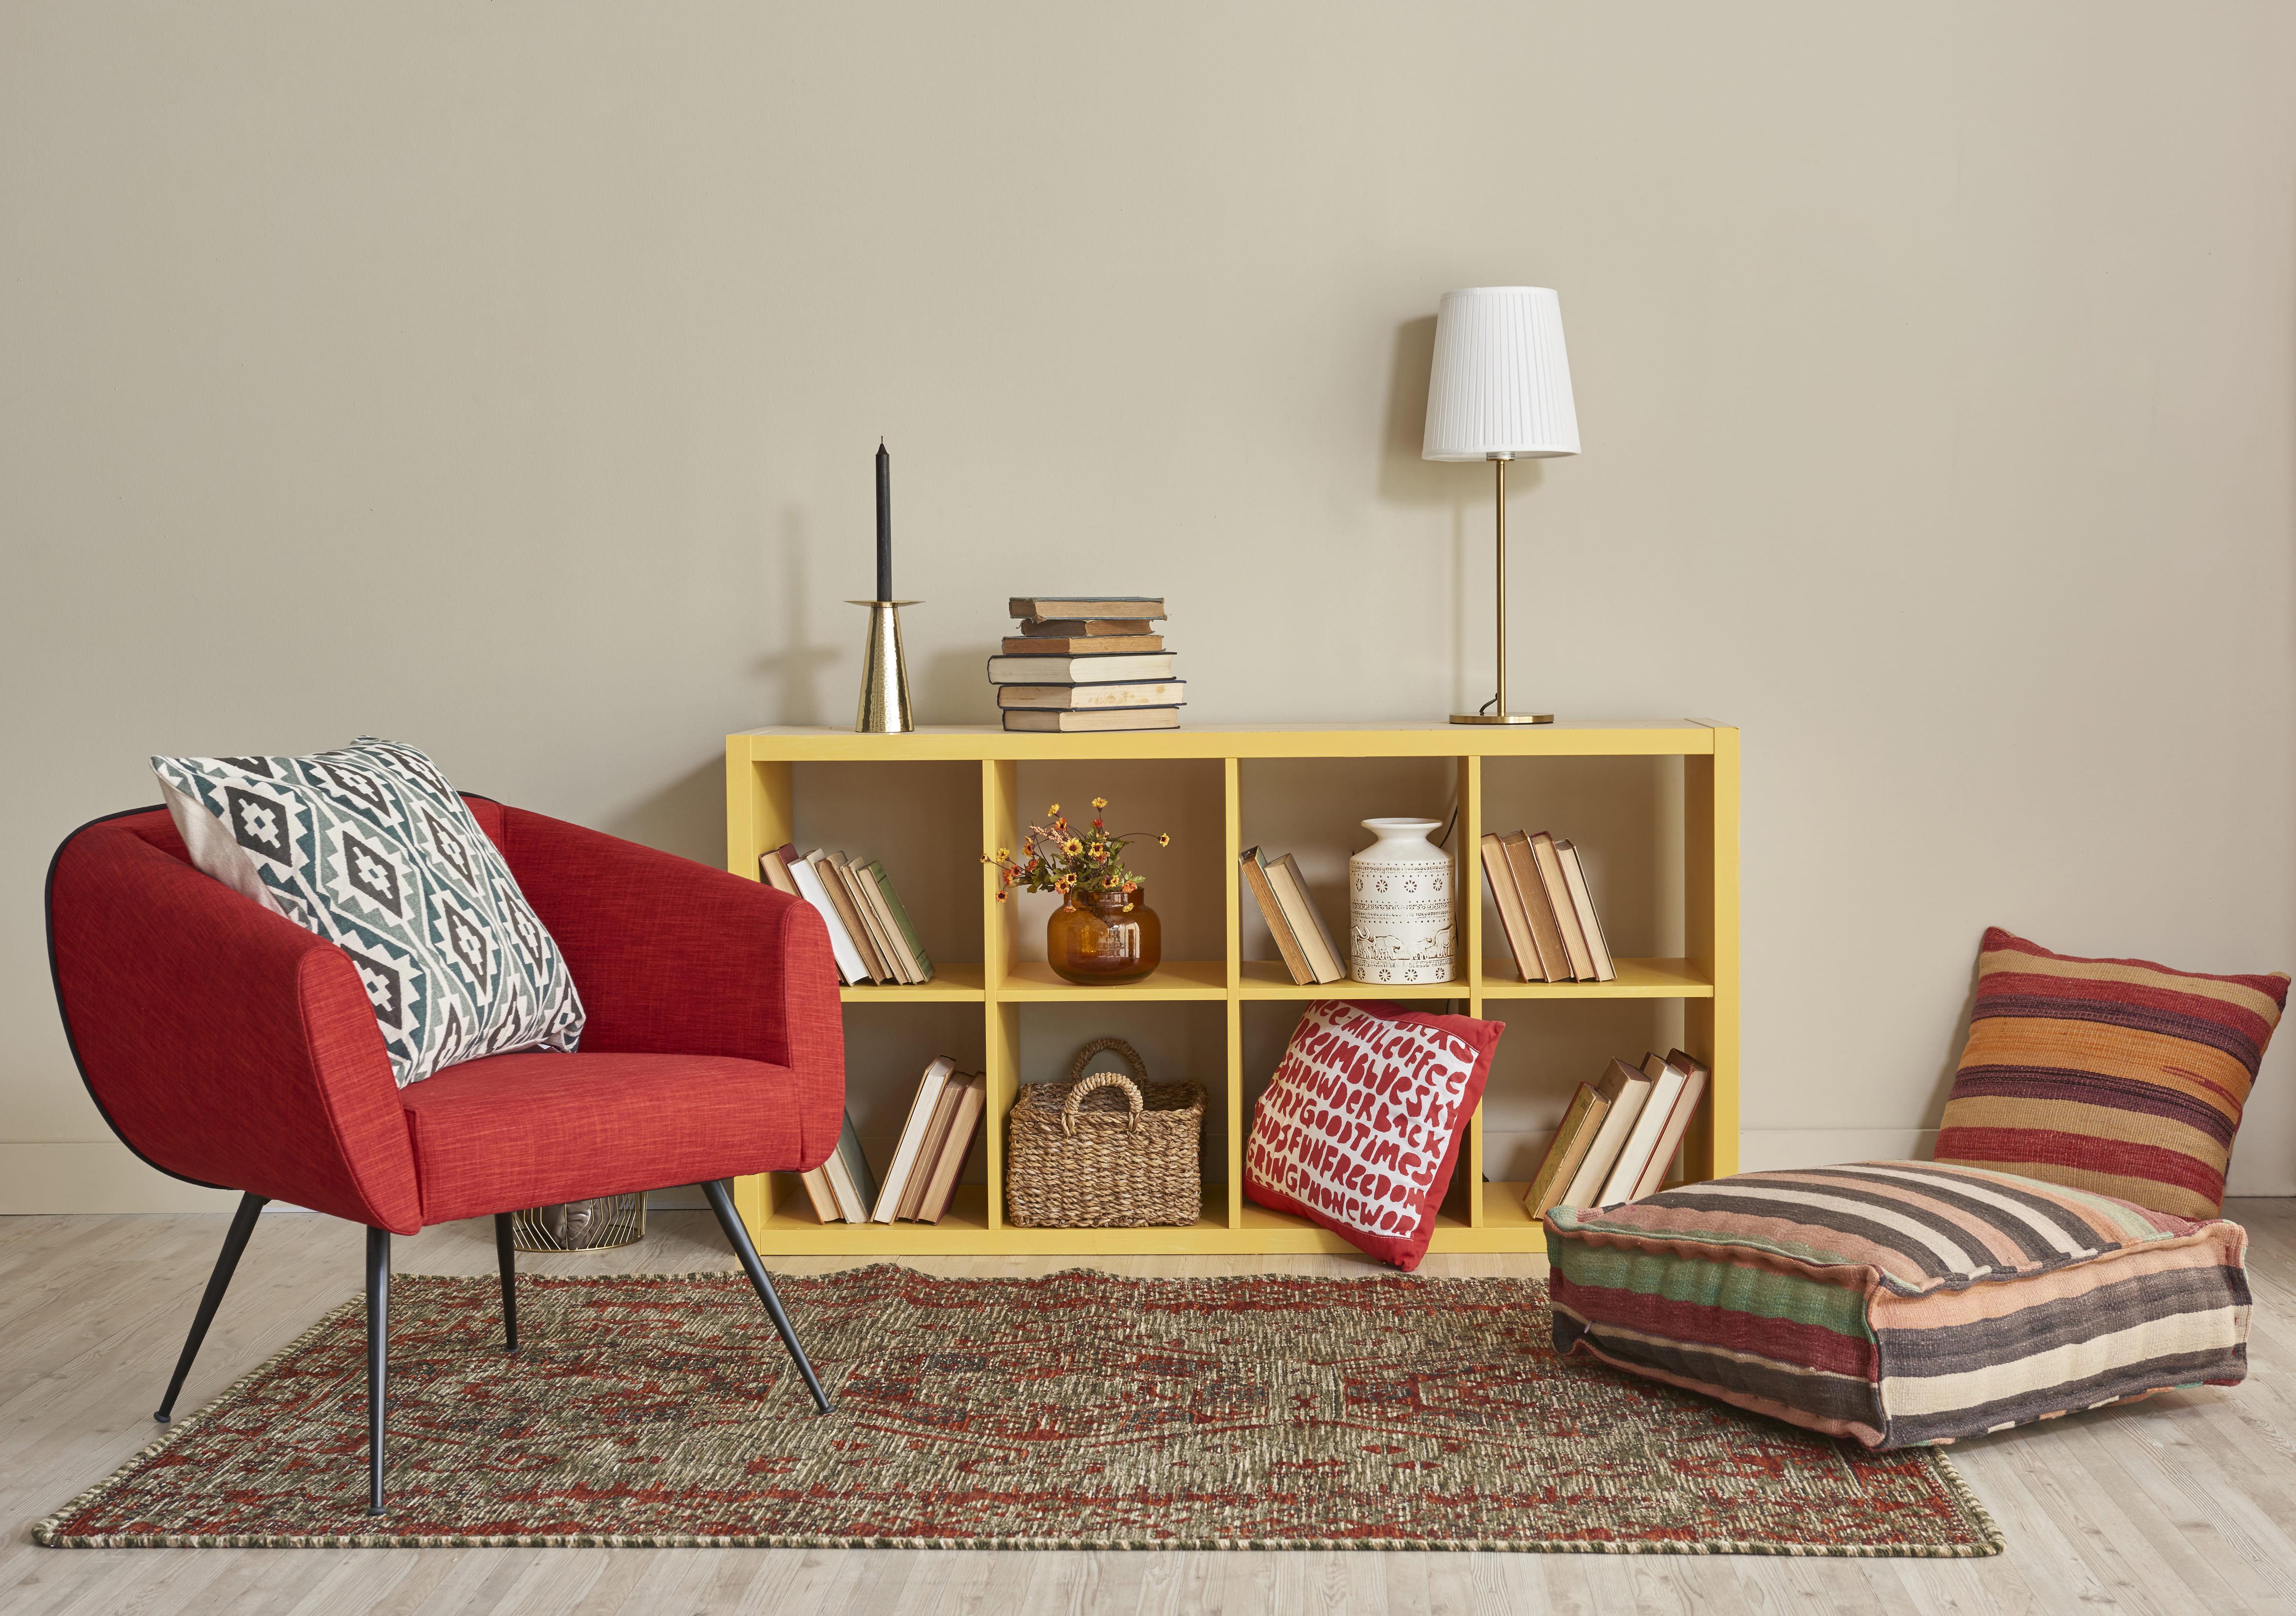 Imagem de um ambiente da casa que foi decorado para inspirar o empreendedor a montar um serviço de decoração de ambientes